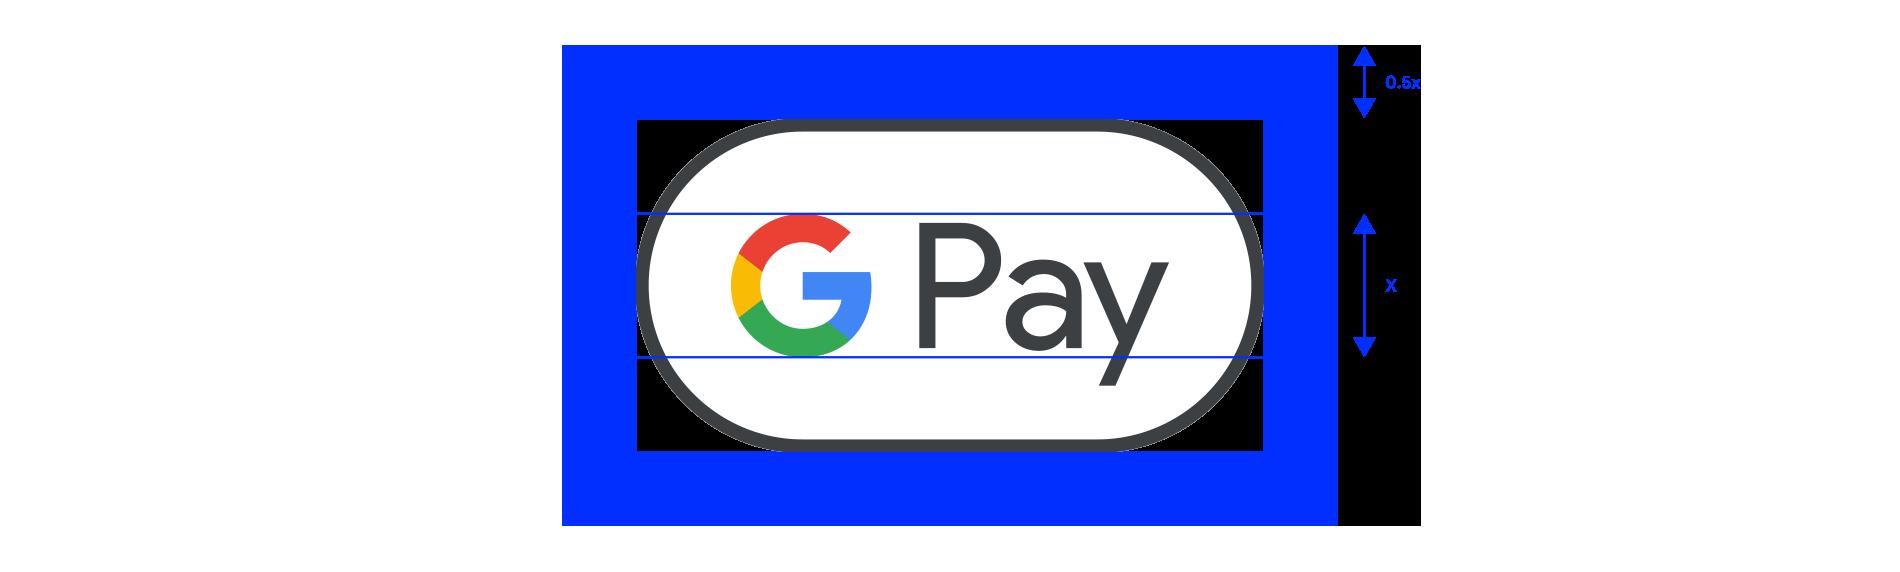 Google Pay 标识留白空间示例